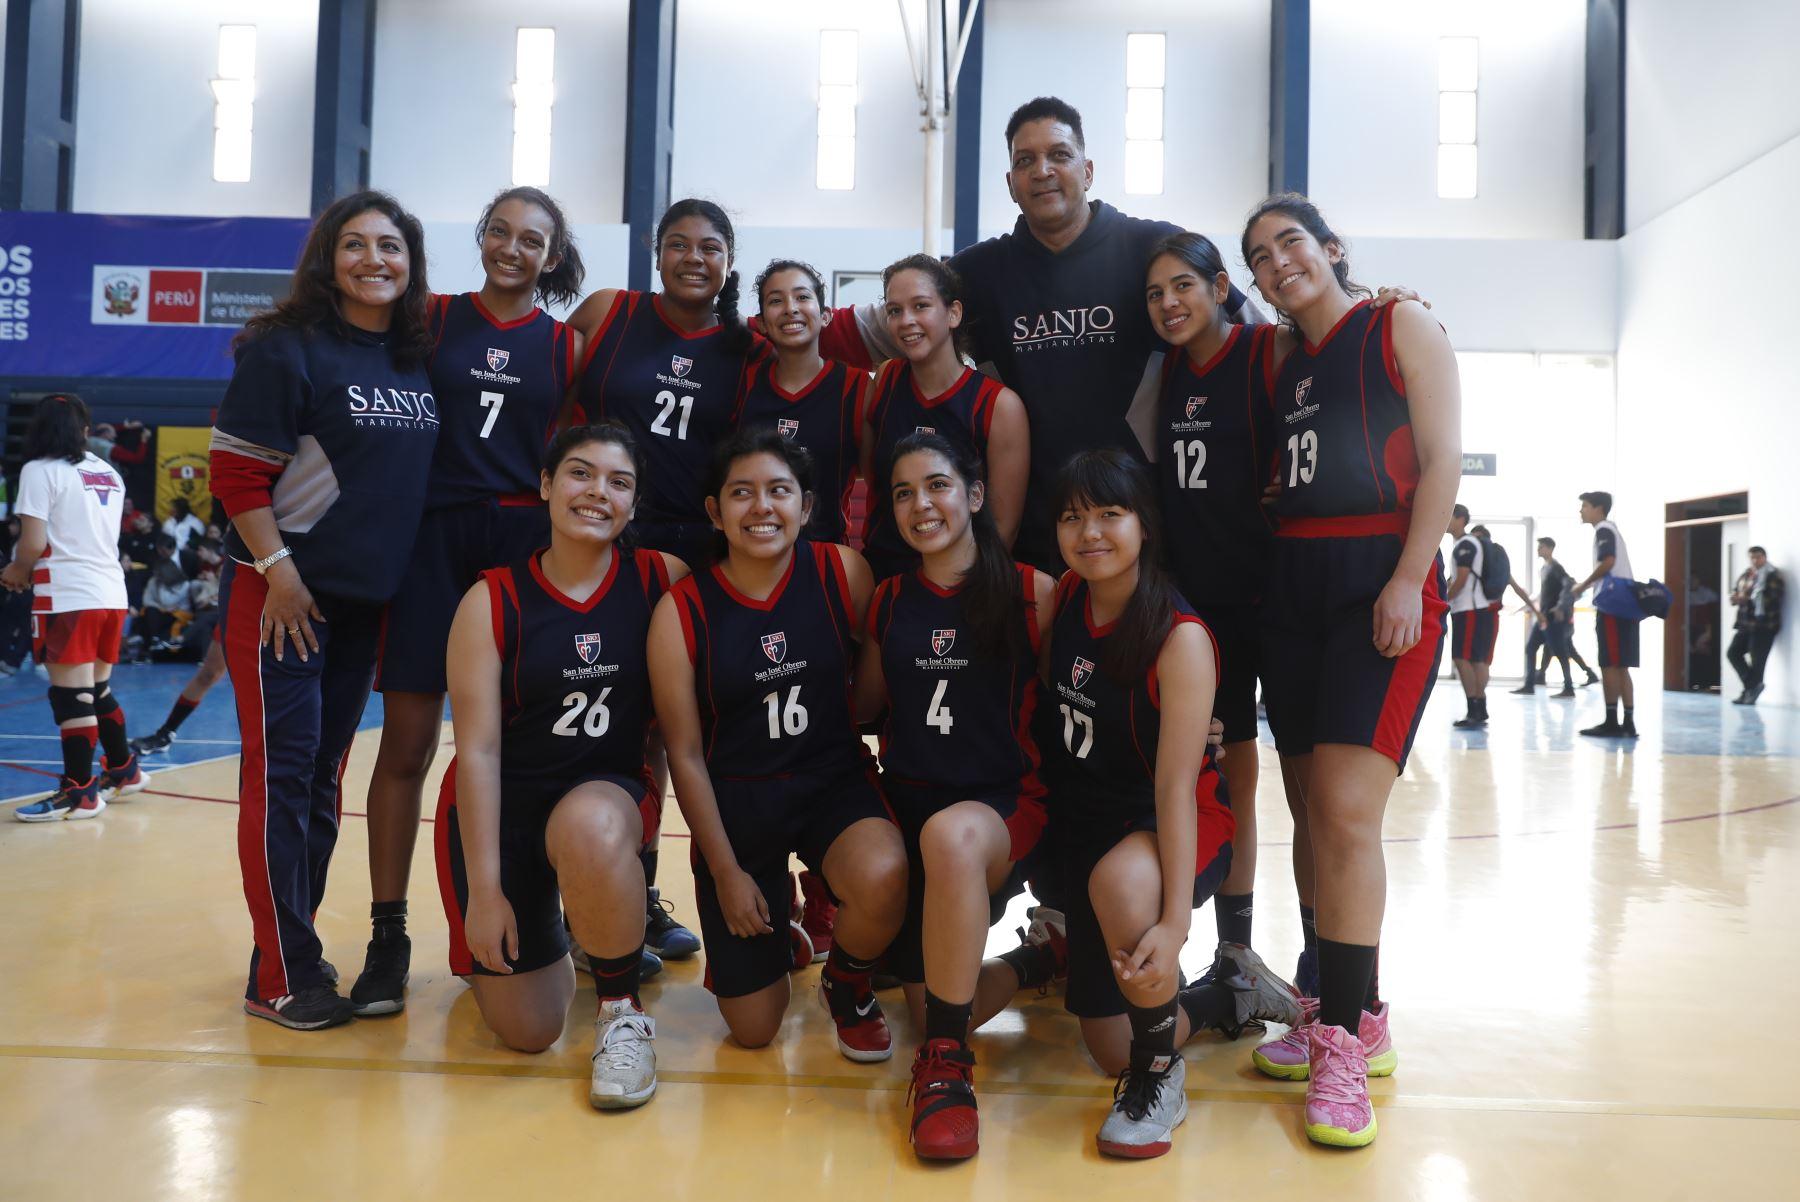 Colegio San José Obrero Maristas de Trujillo disputa final en los Juegos Deportivos Escolares Nacionales 2019. Foto: ANDINA/Renato Pajuelo